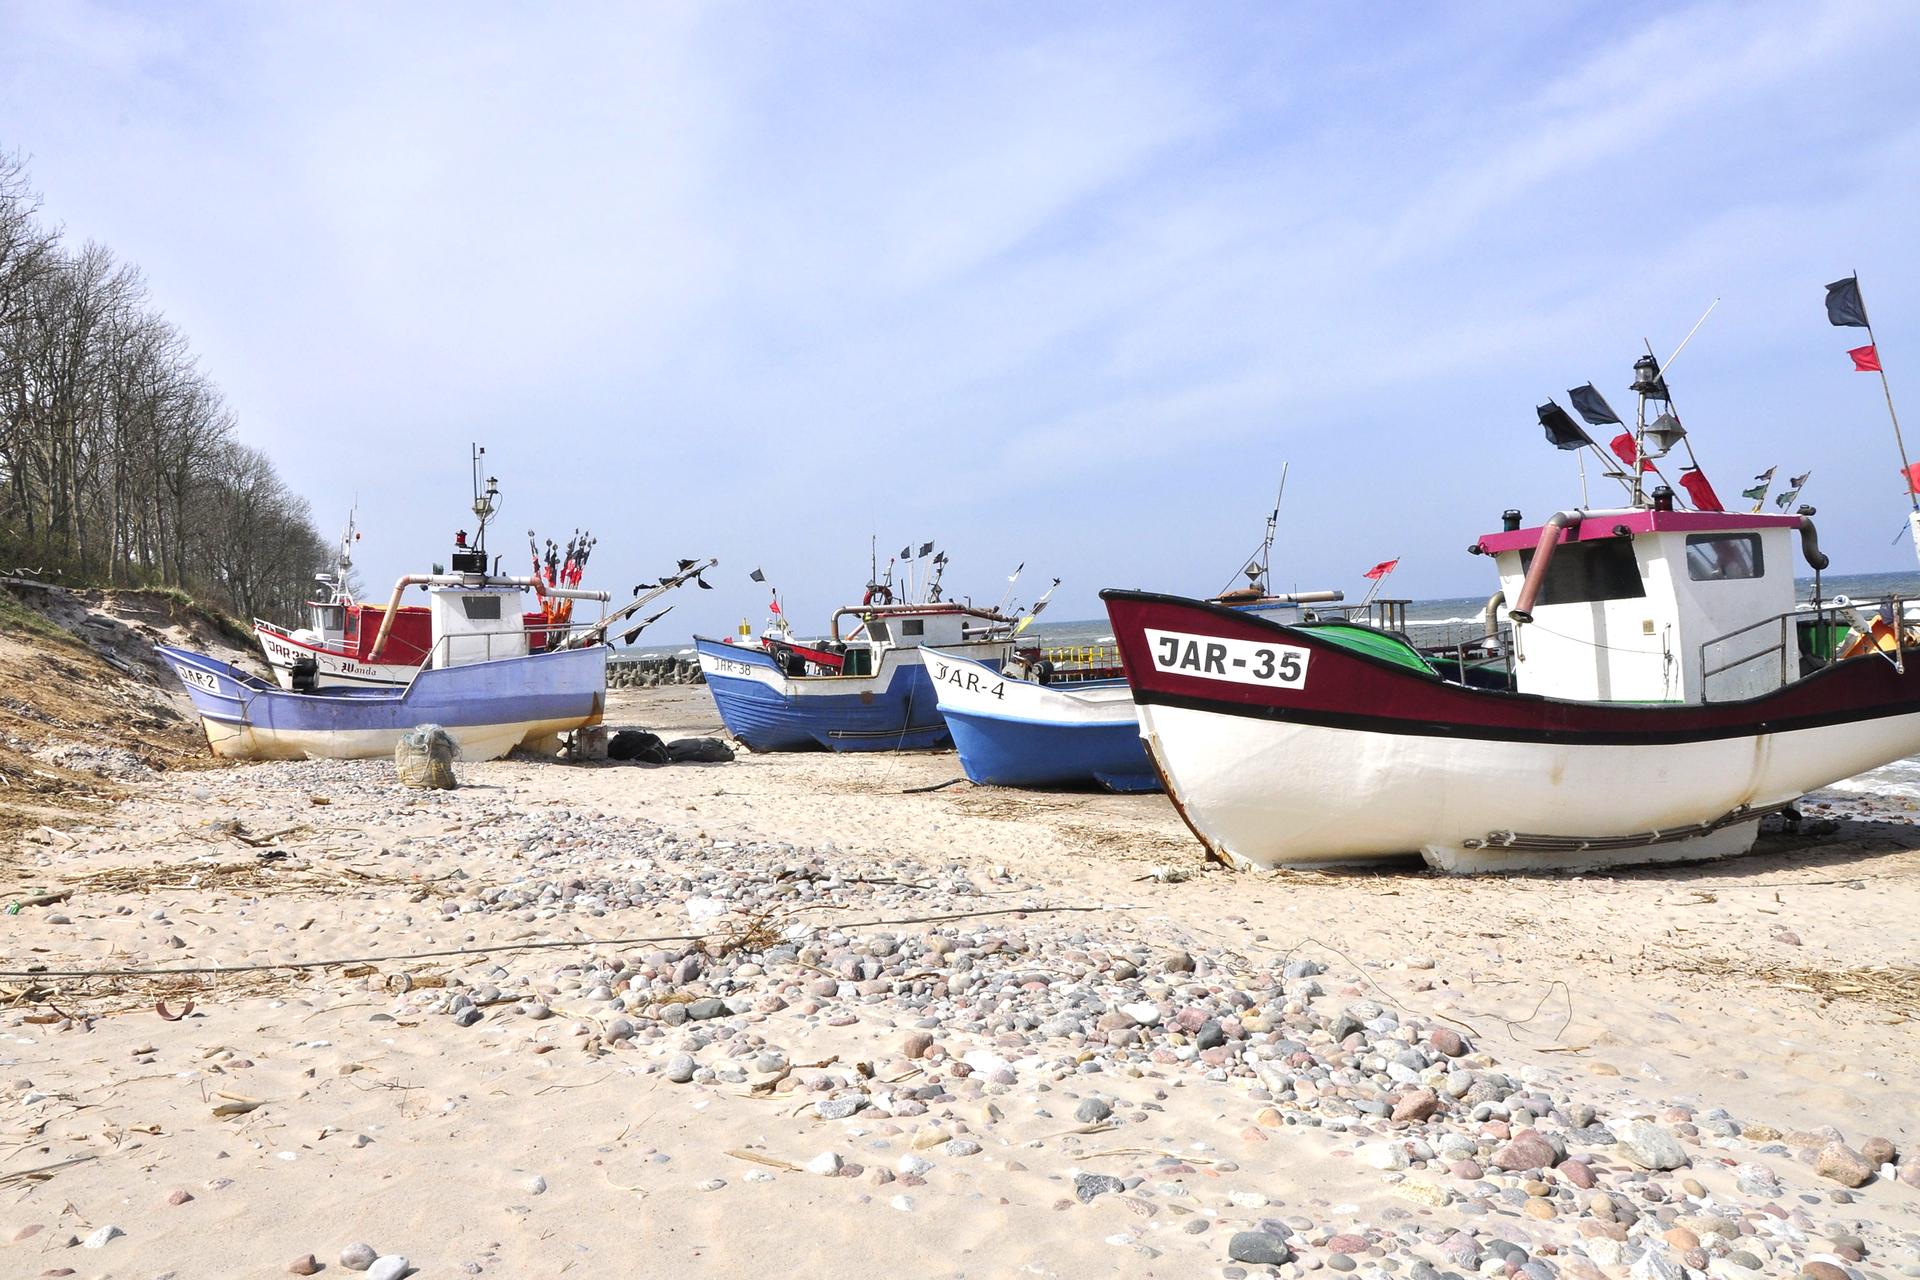 Zdjęcie przedstawiające kutry rybackie